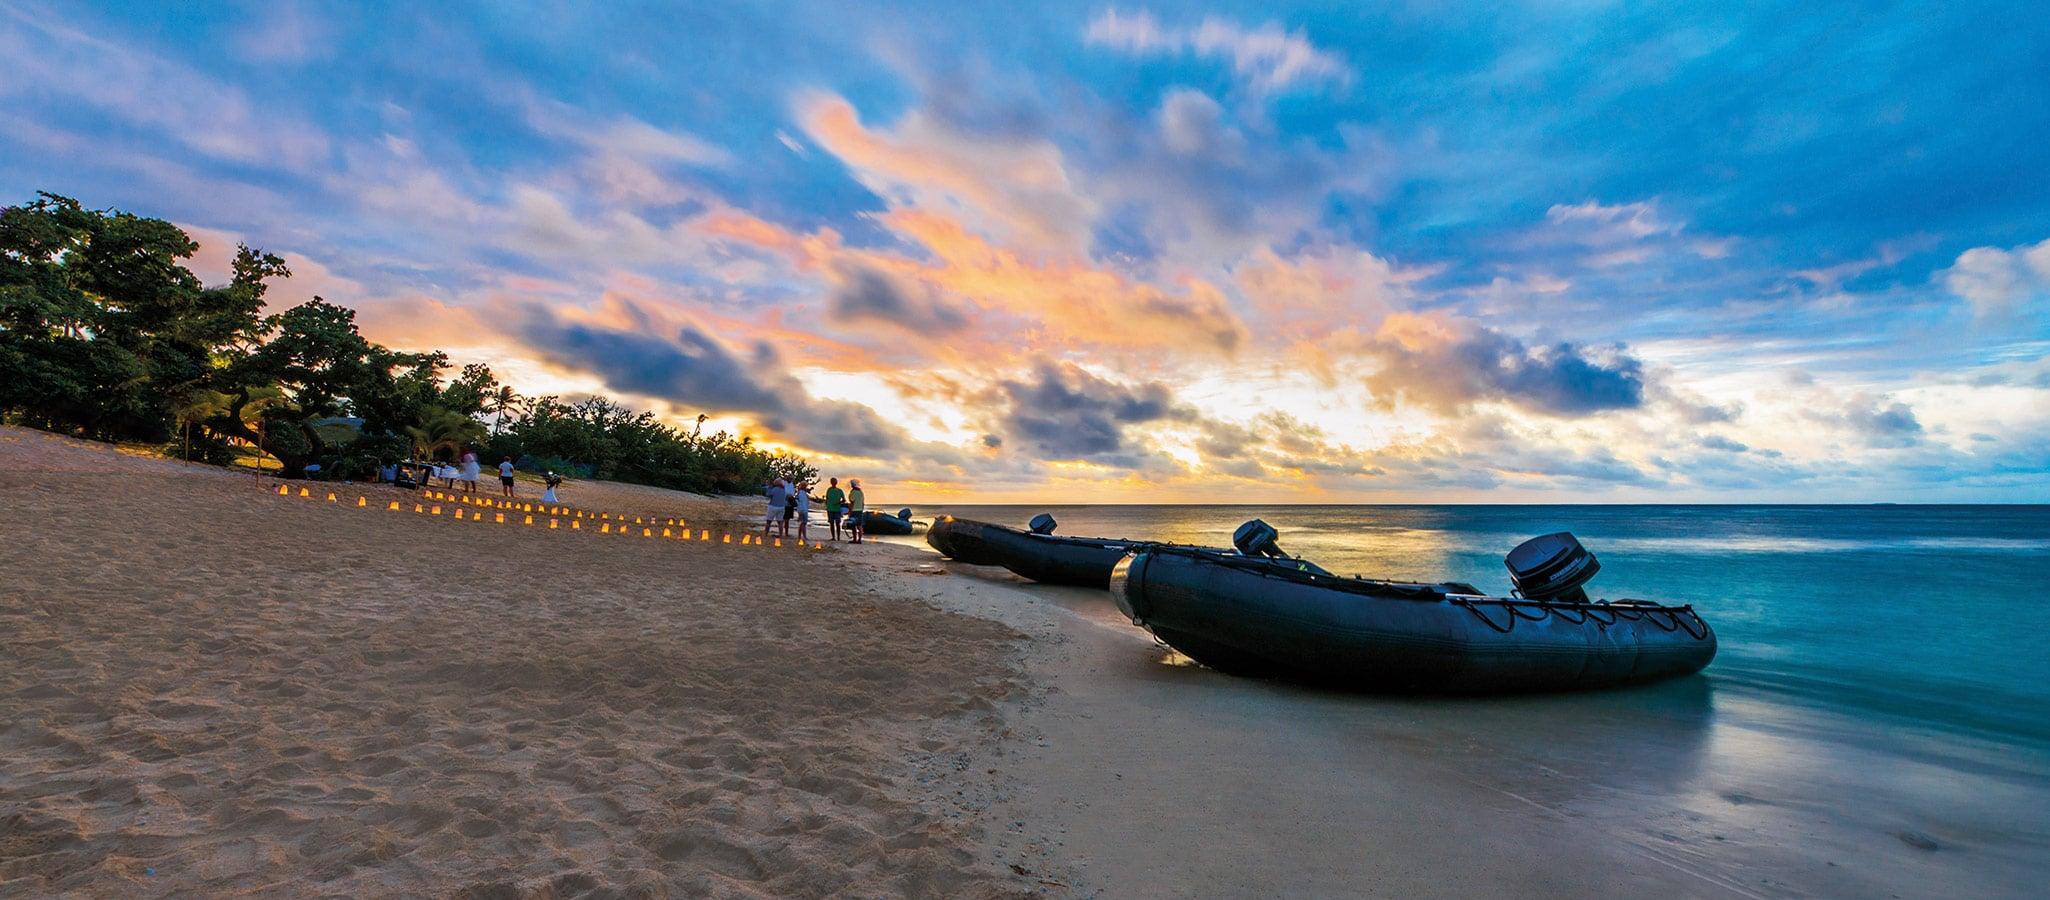 Um das Robinson Crusoe-Flair am privatisierten Strand kümmert sich unser Team von OceanEvent.